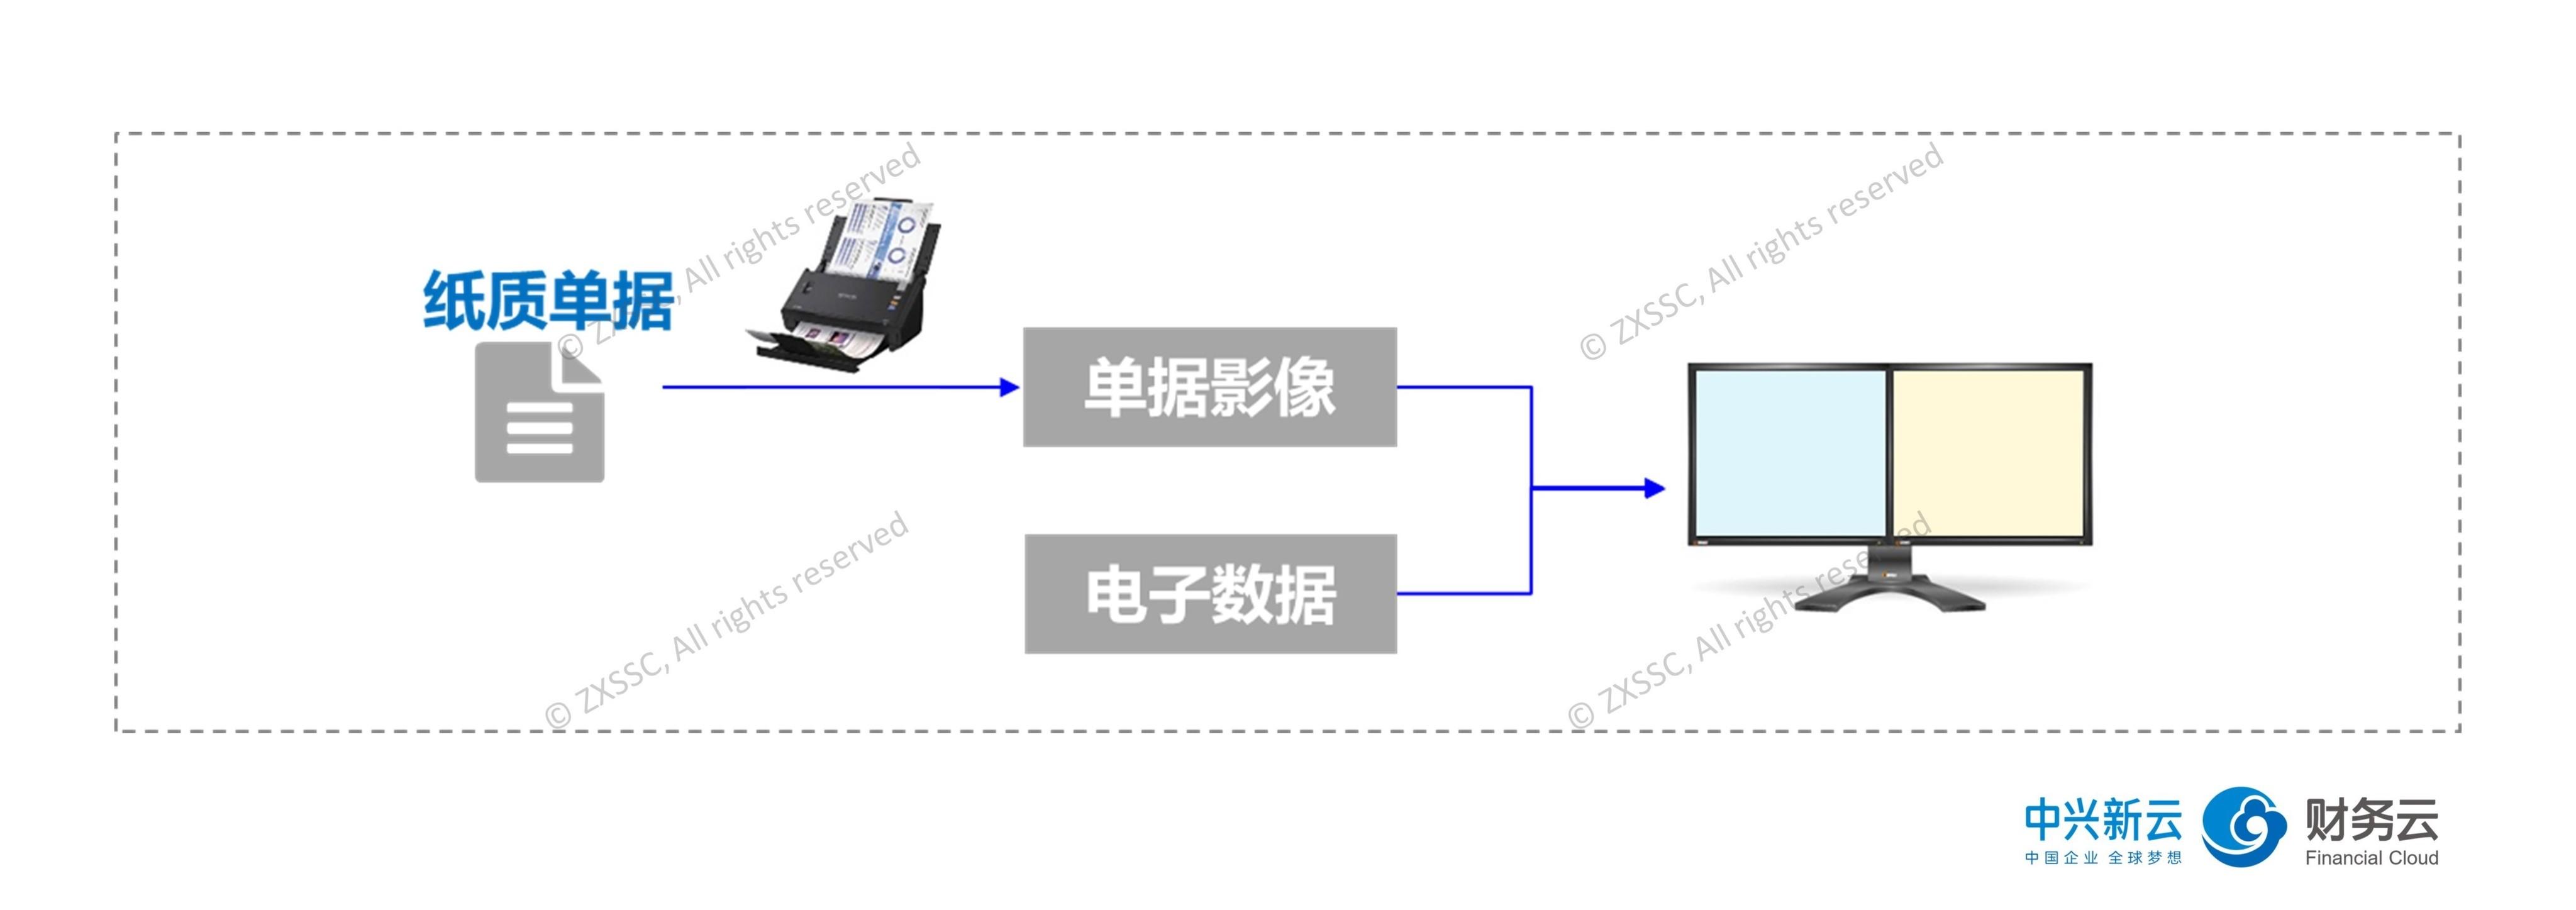 08 信息采集电子化.jpg